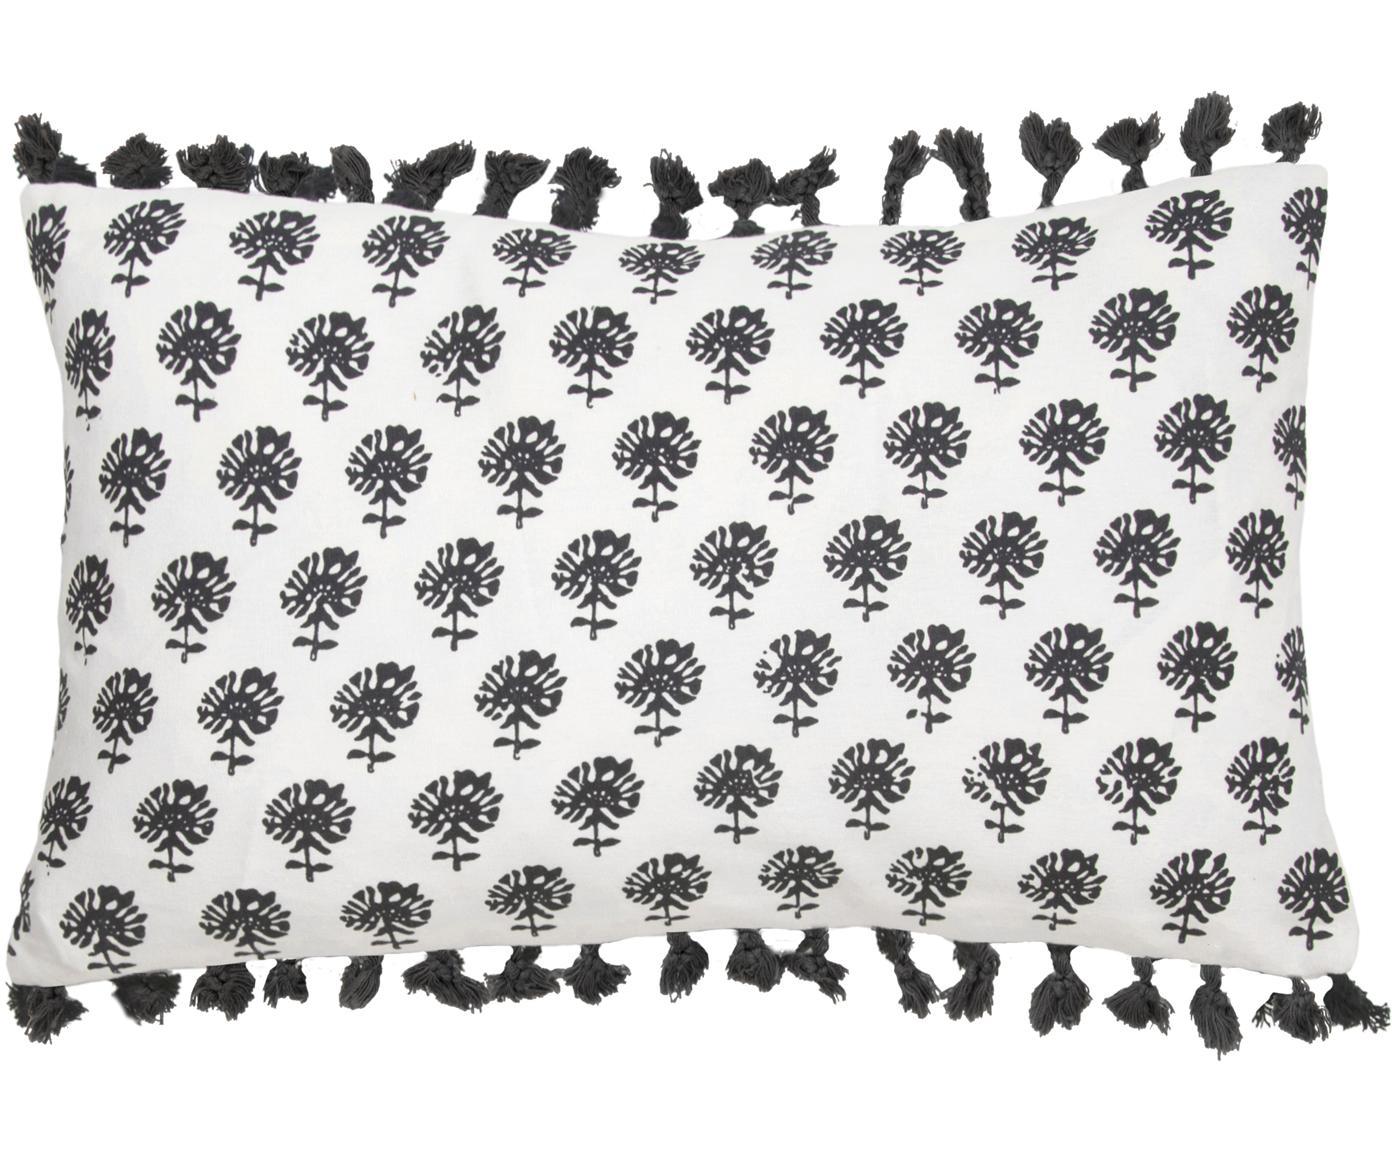 Kissenhülle Poesy mit Quasten, 100% Baumwolle, Weiss, Schwarz, 30 x 50 cm